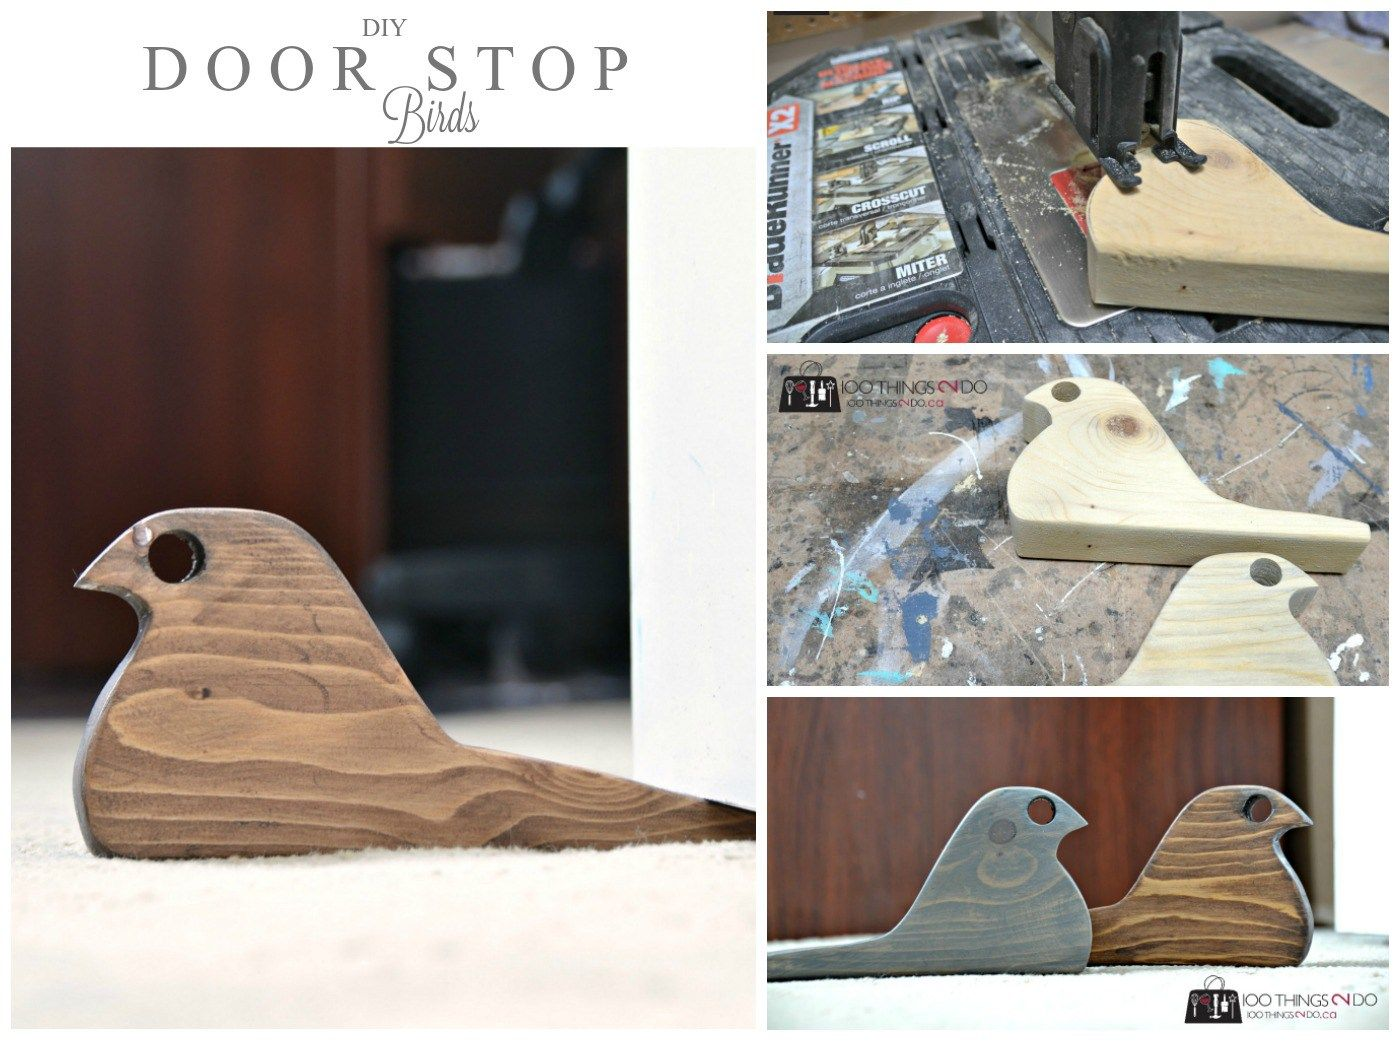 Diy Door Stop Rustic Bird From Scrap Wood Door Stopper Diy Diy Door Diy Doorstop